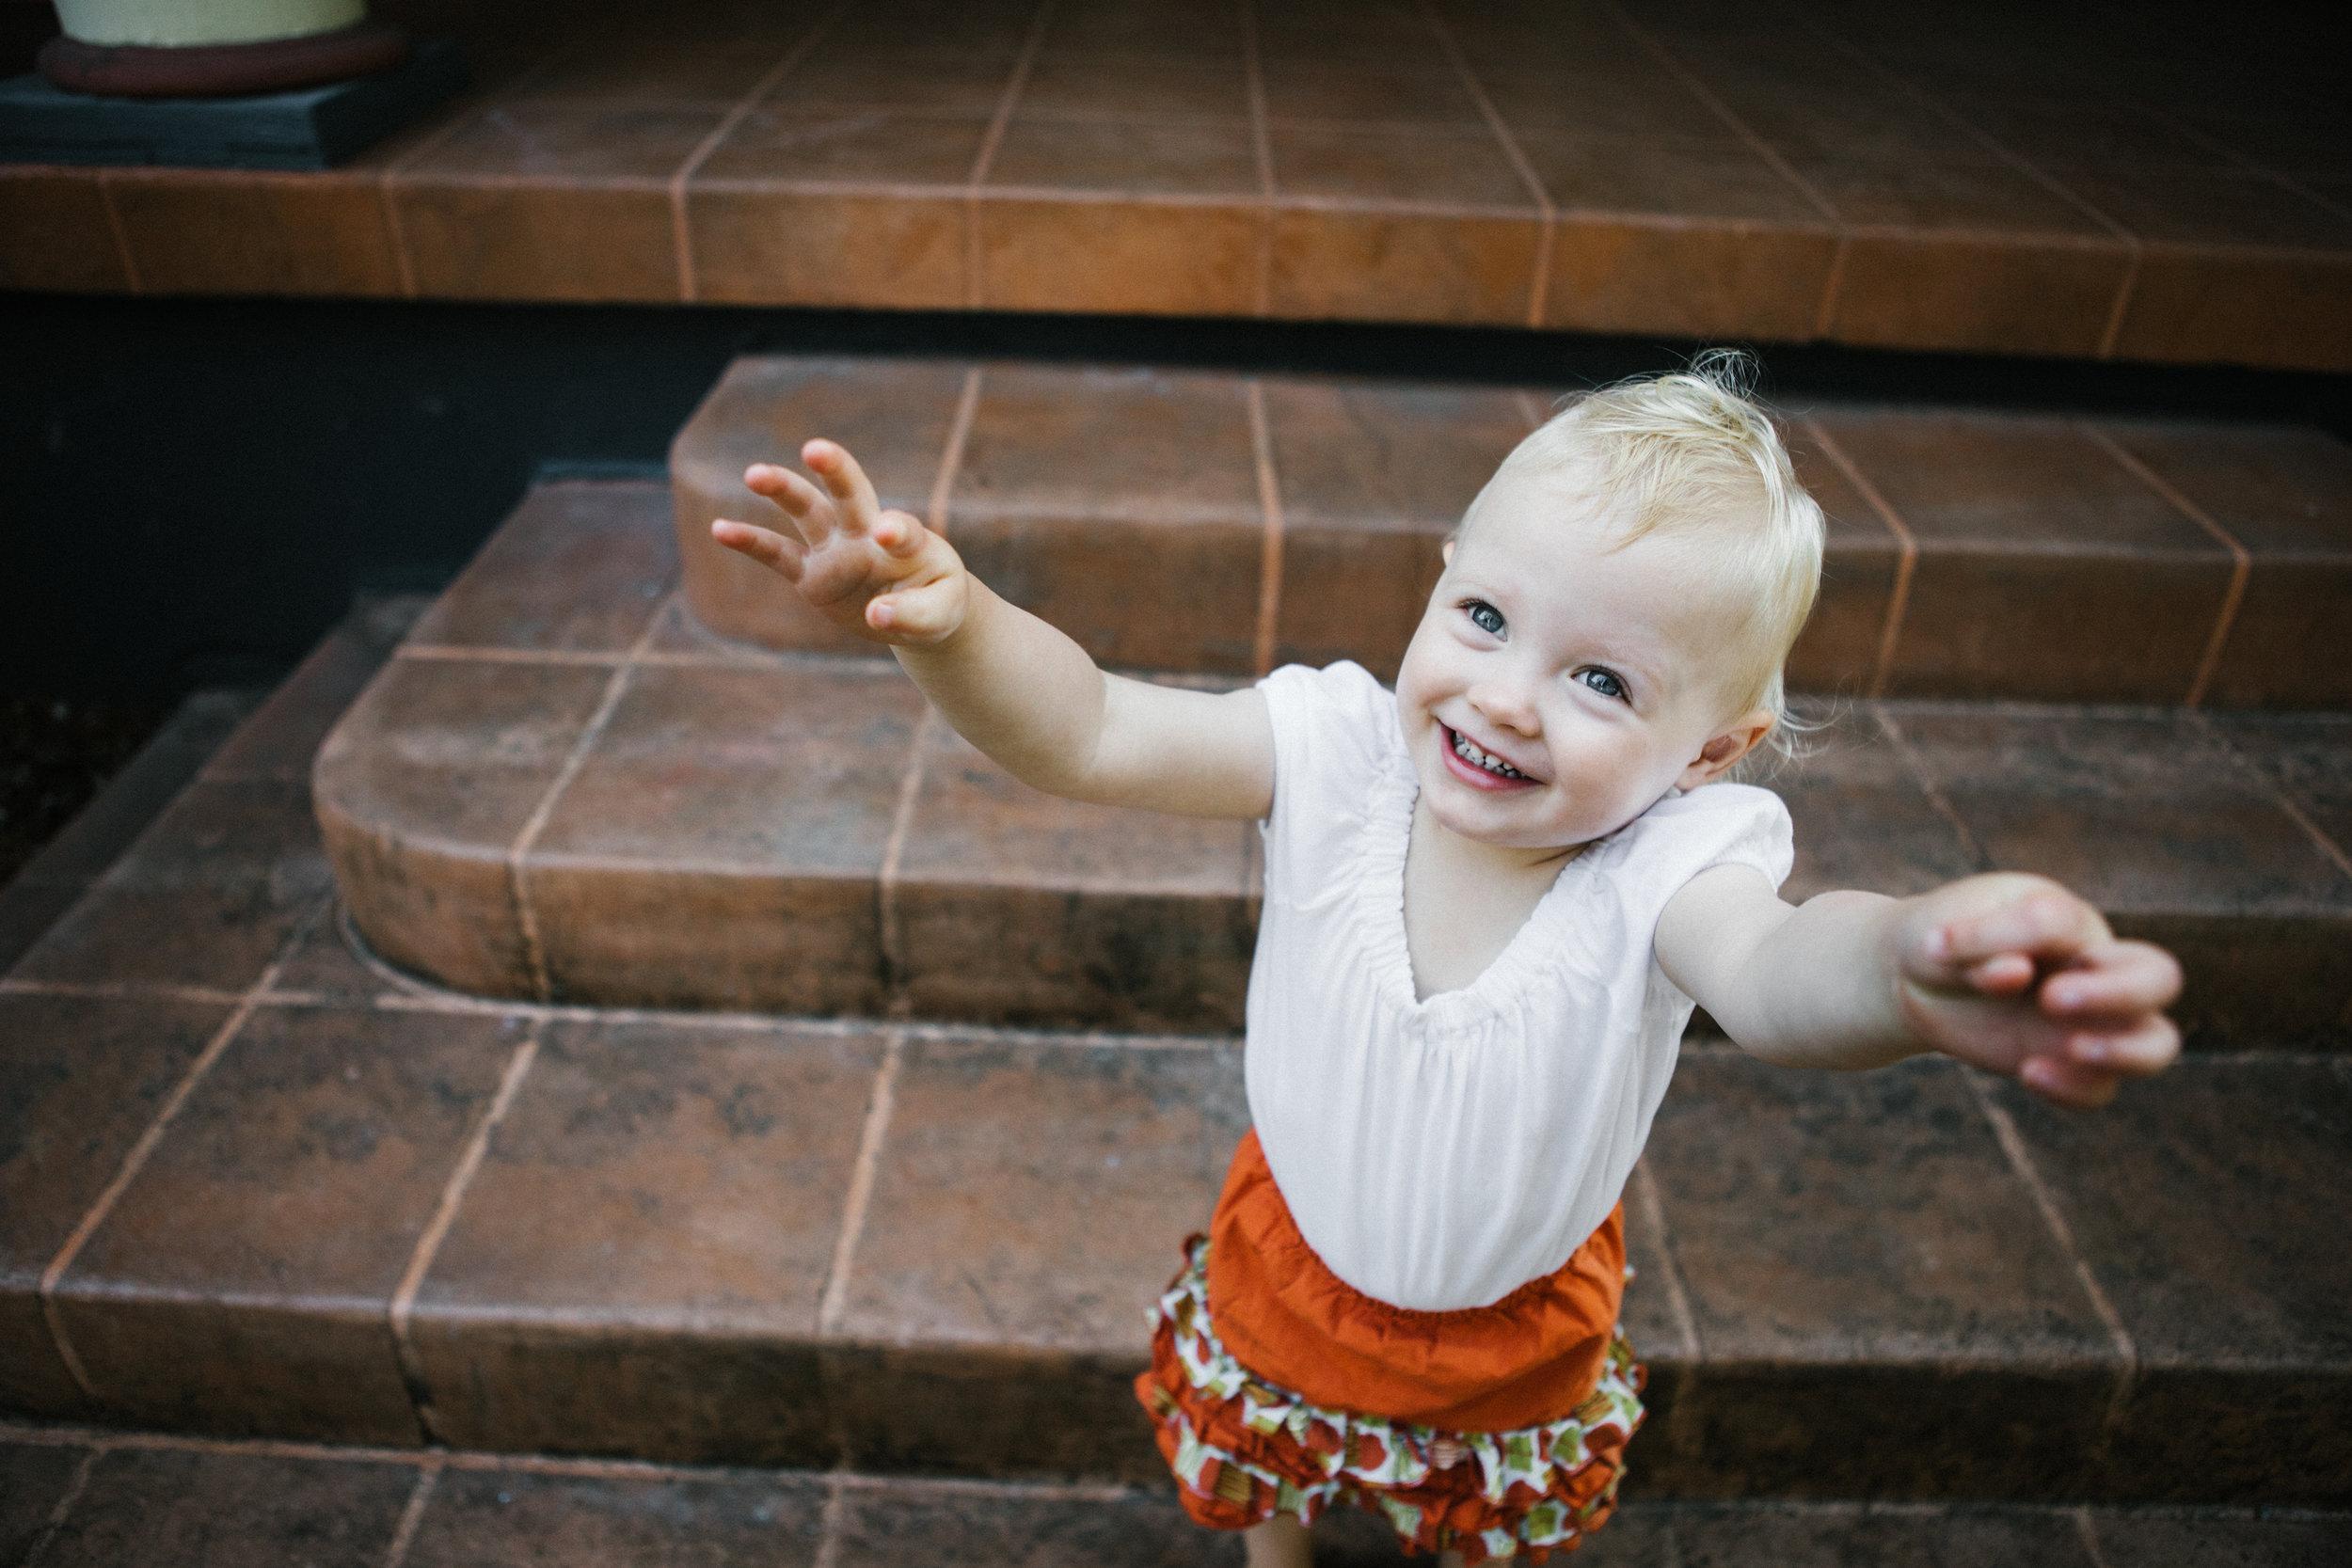 Toddler girl reaching up